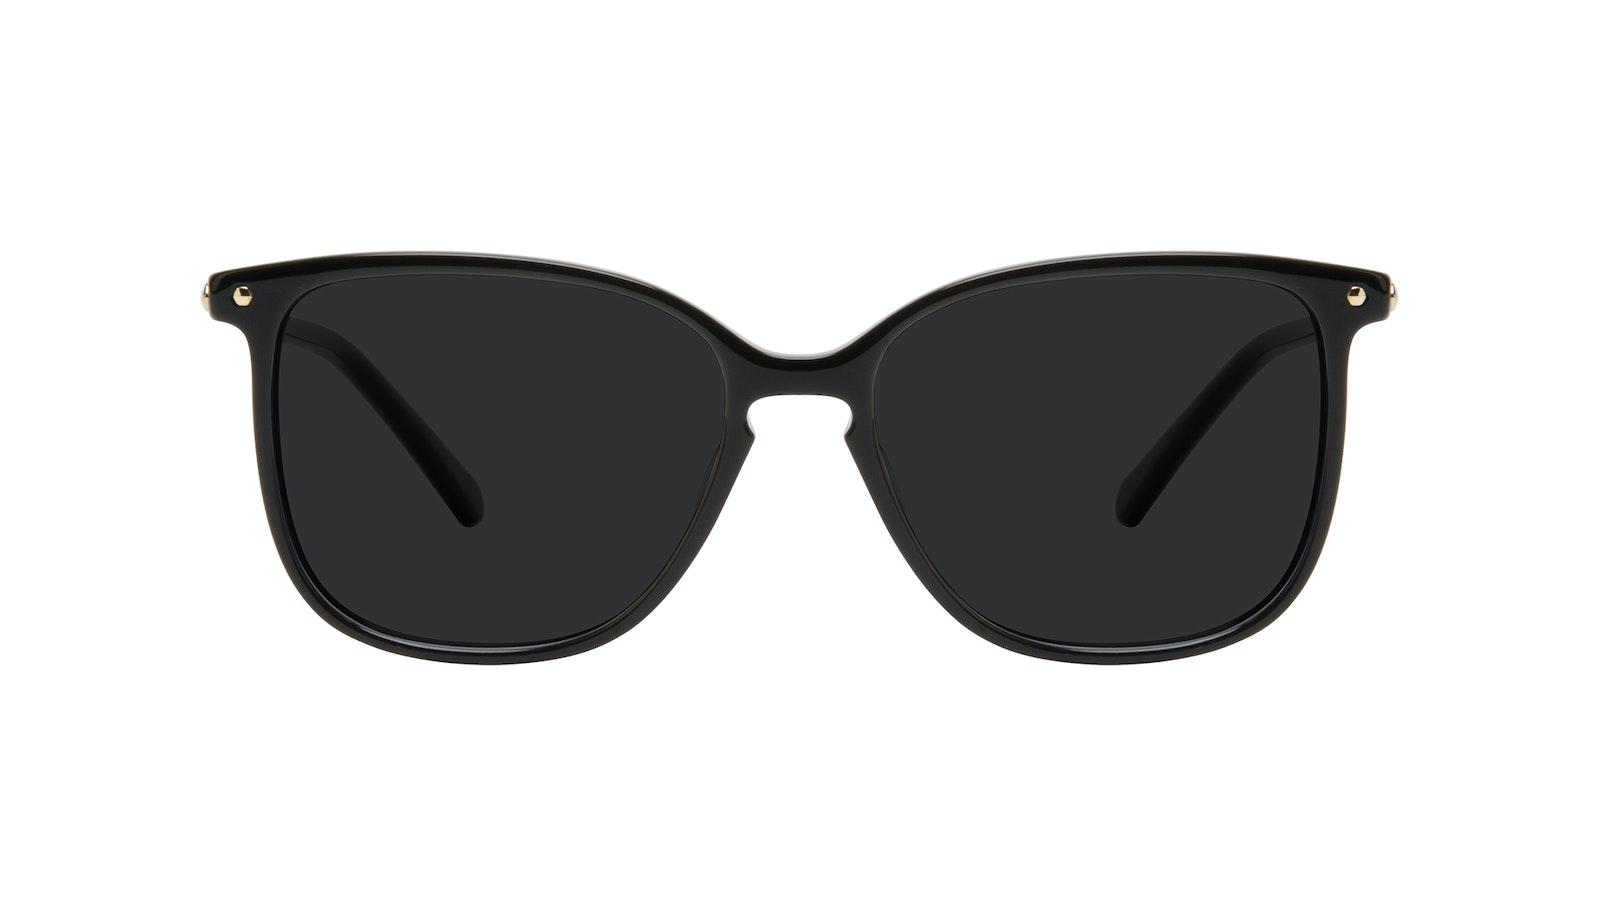 Lunettes tendance Carrée Lunettes de soleil Femmes Sonia Petite Pitch Black